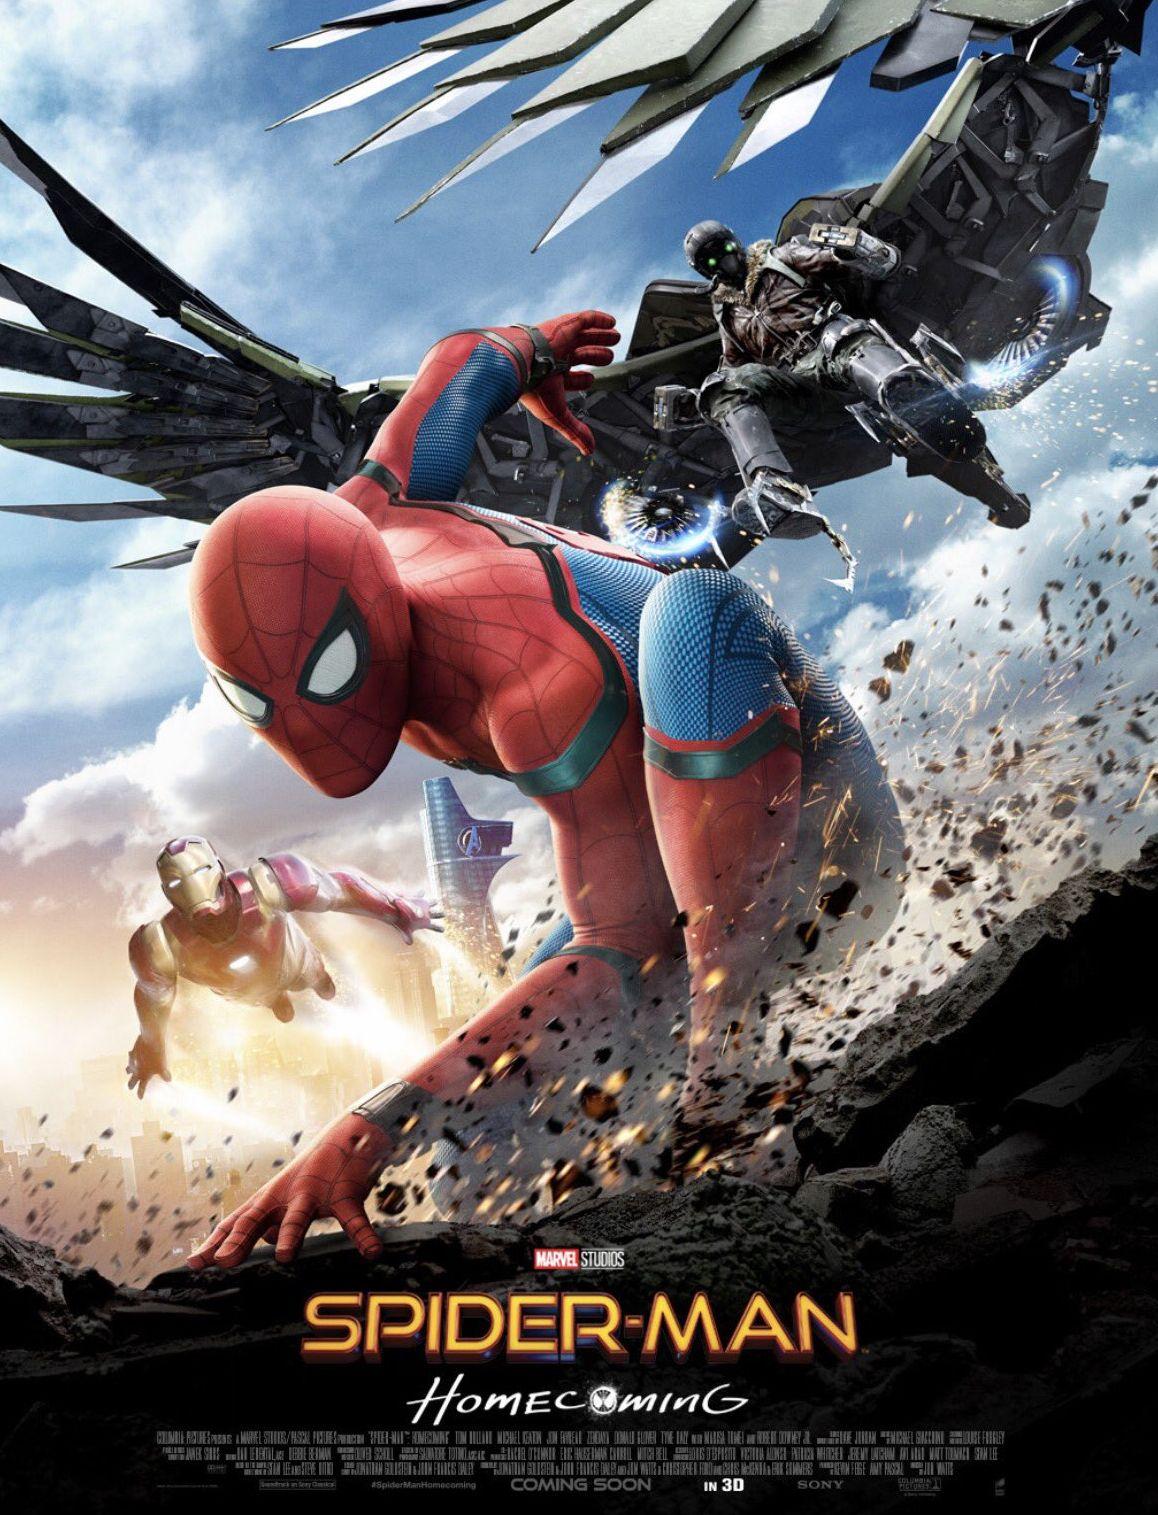 Örümcek-Adam Eve Dönüş - Spider-Man Homecoming 2017 1080p WEB-DL Türkçe Altyazılı Film indir